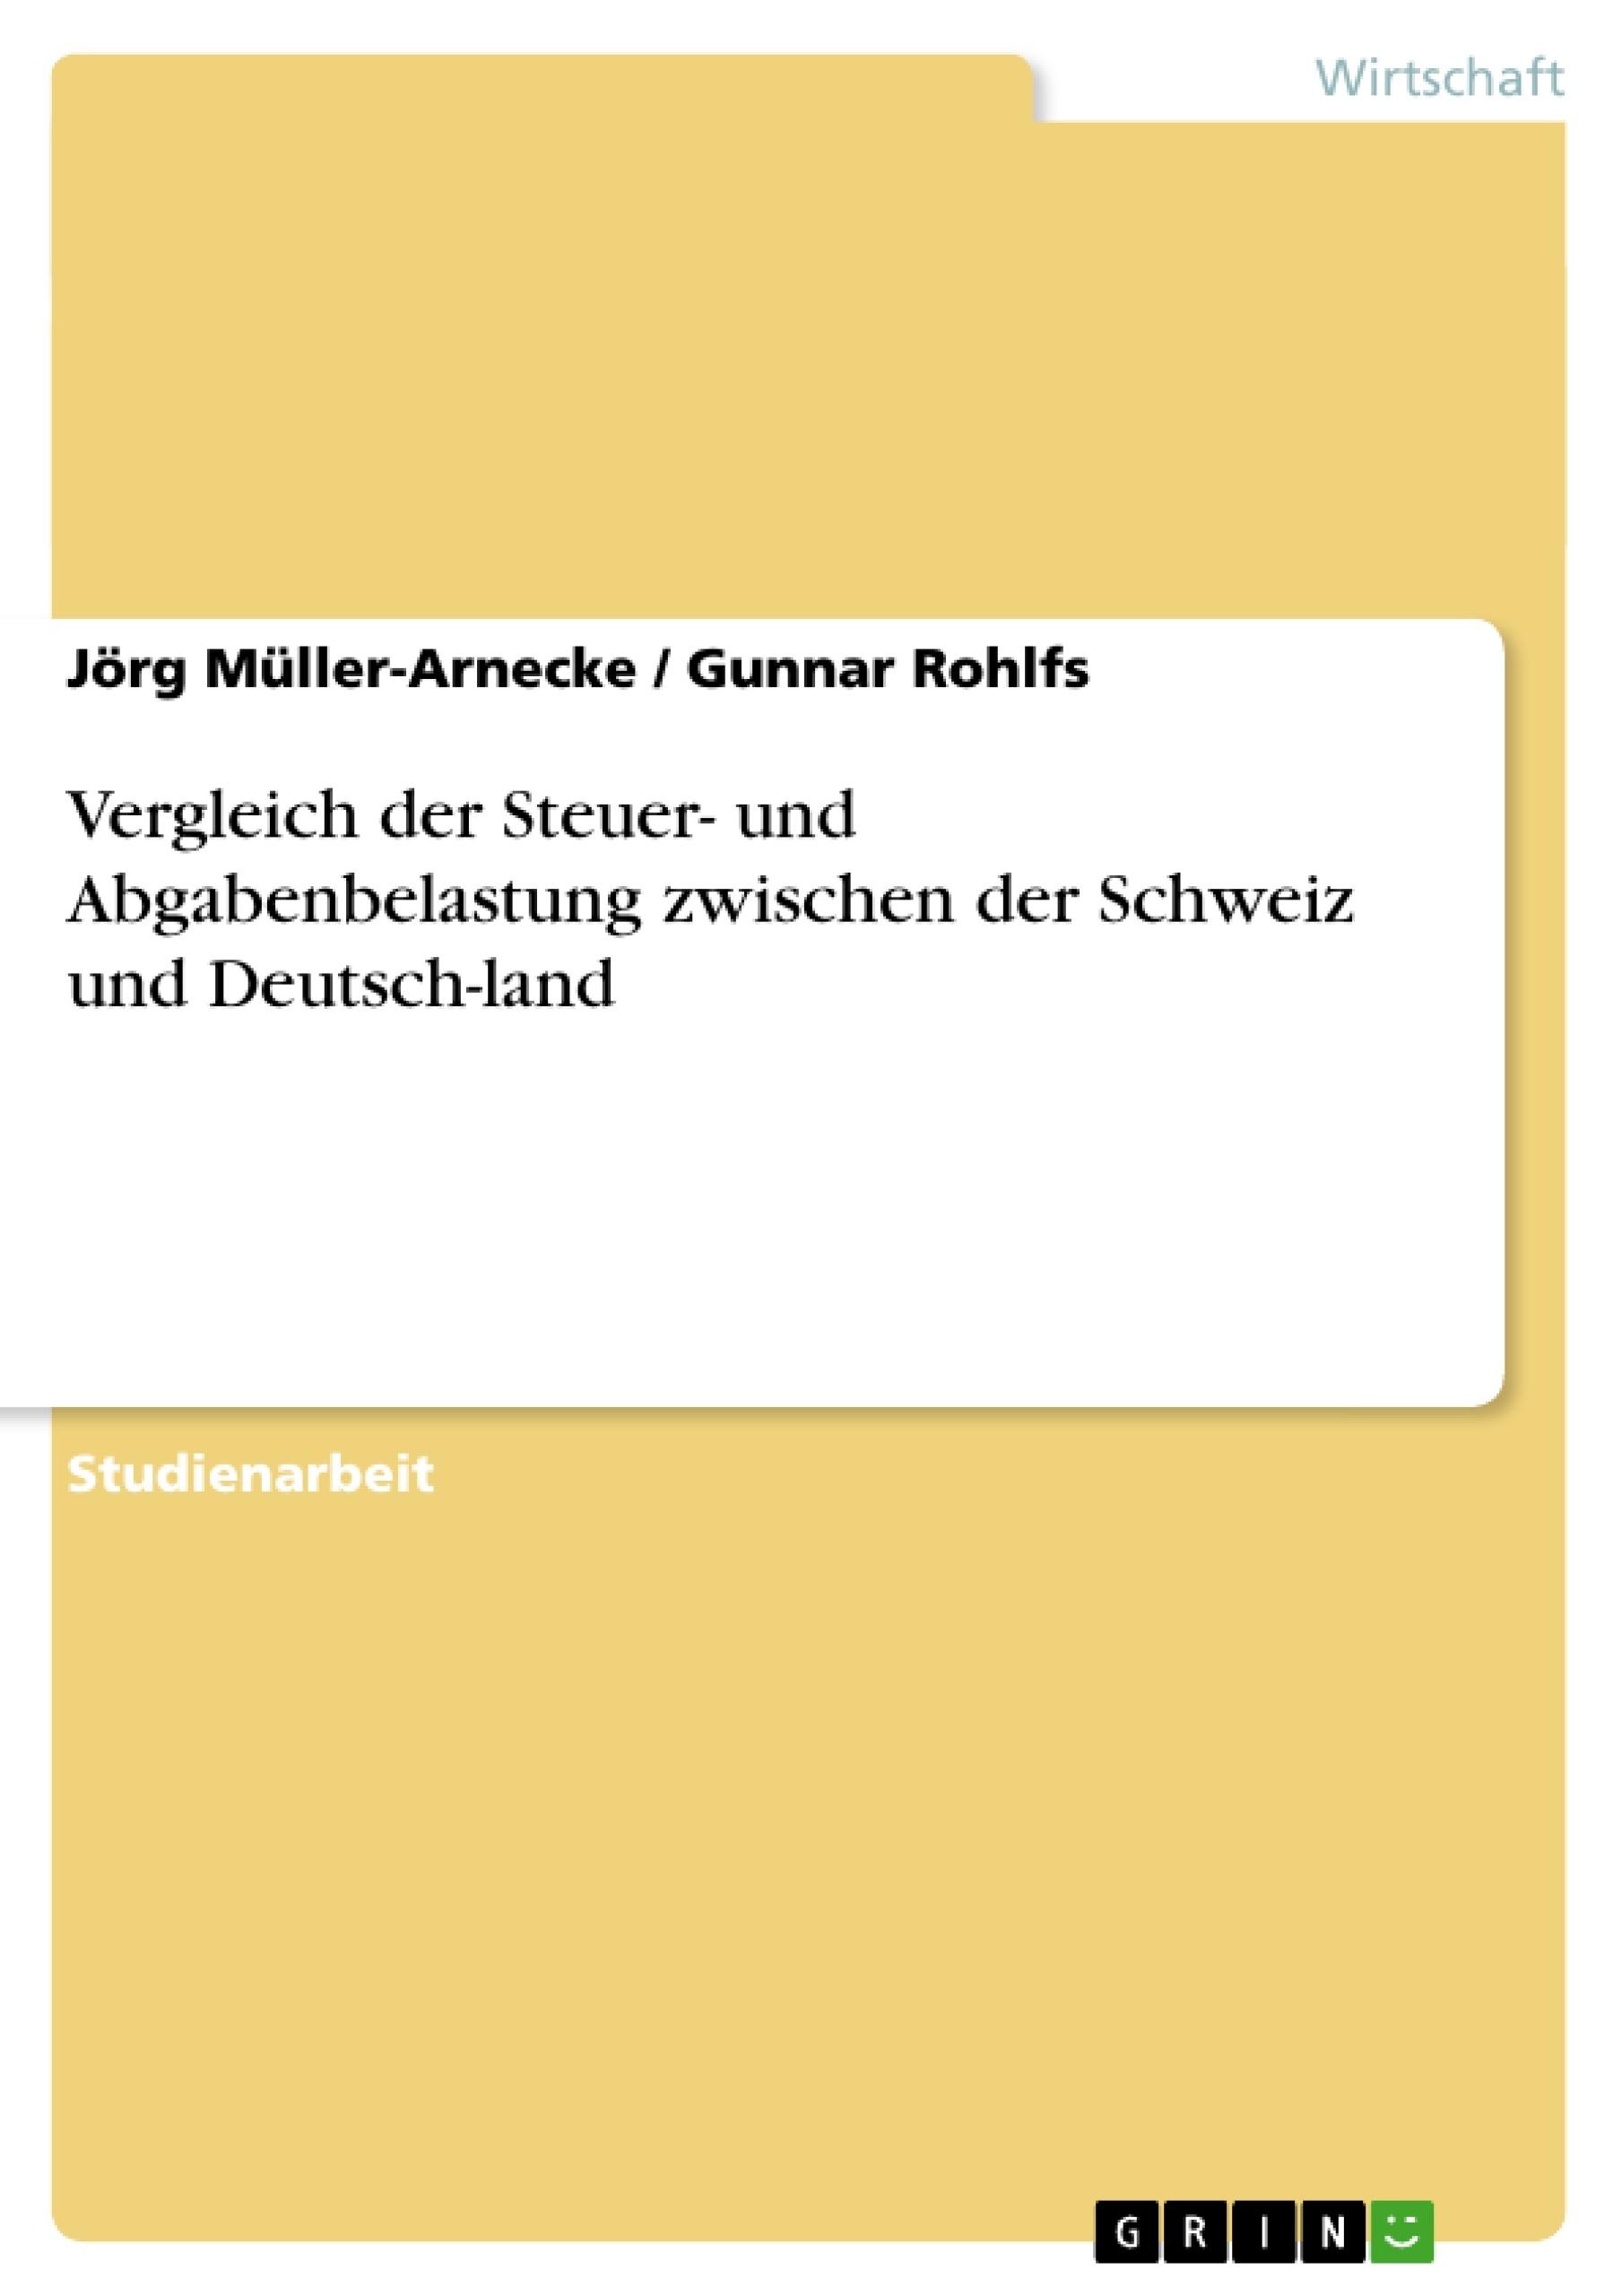 Titel: Vergleich der Steuer- und Abgabenbelastung zwischen der Schweiz und Deutsch-land